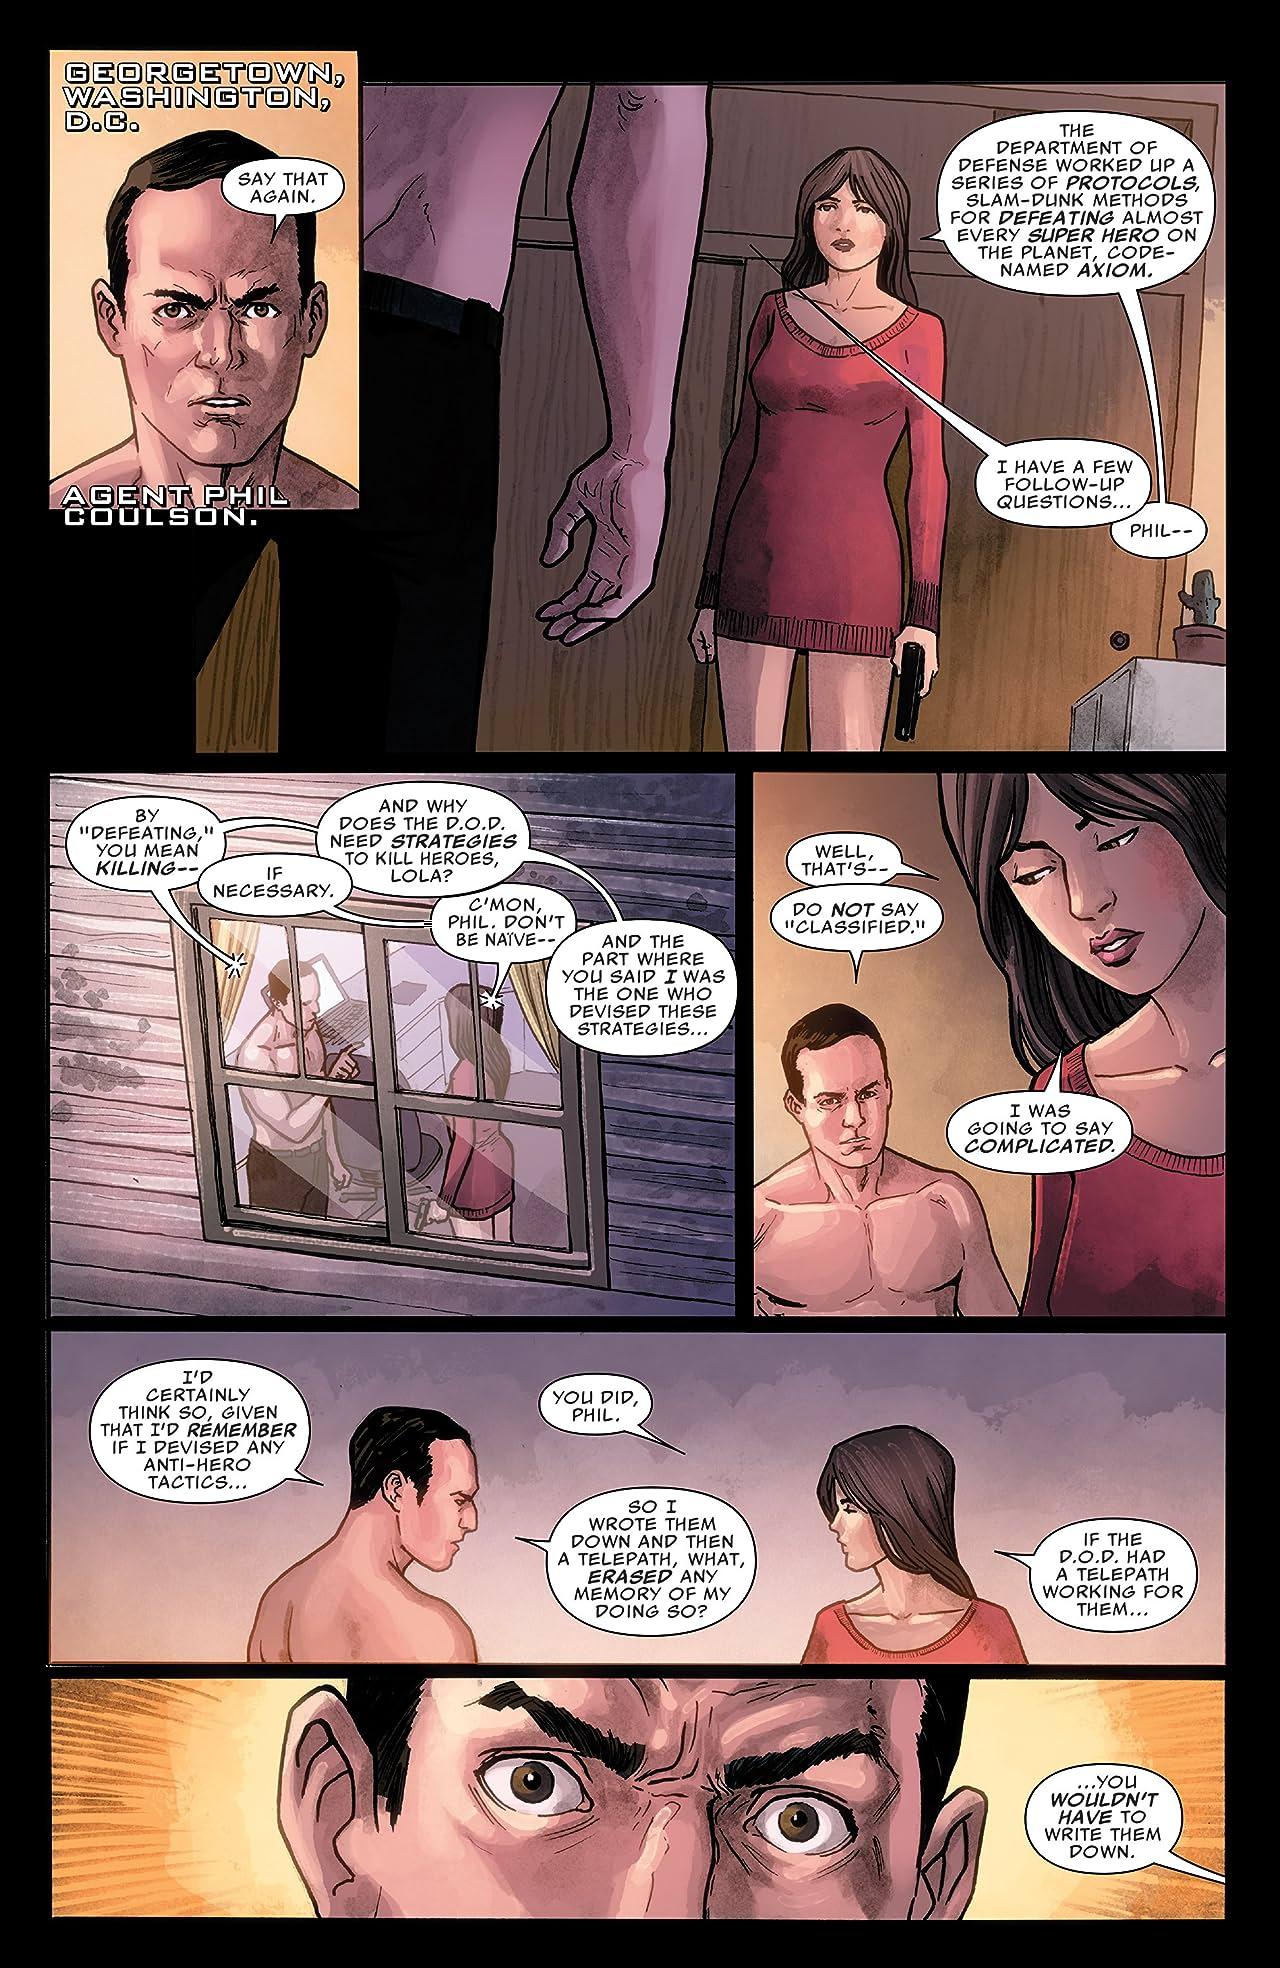 Agents of S.H.I.E.L.D. (2016) #2